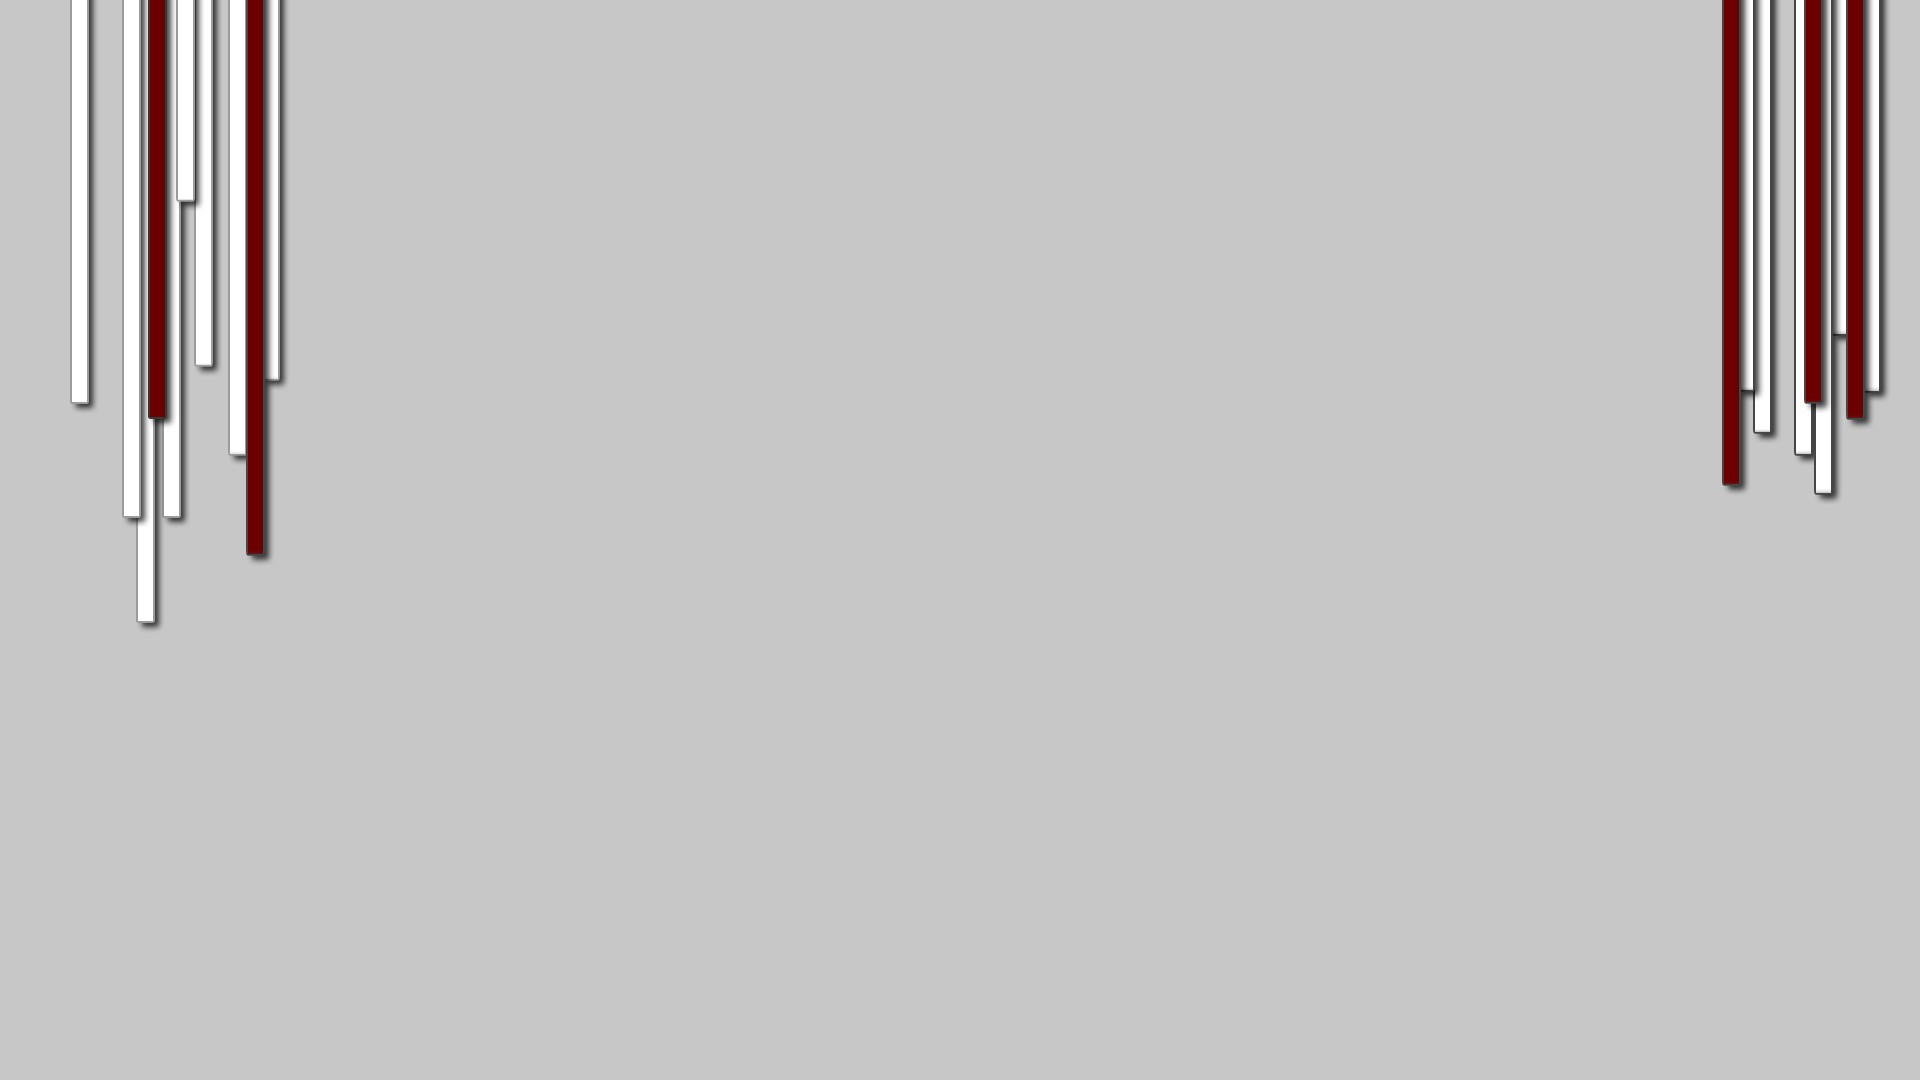 Hình nền trắng đẹp (61)